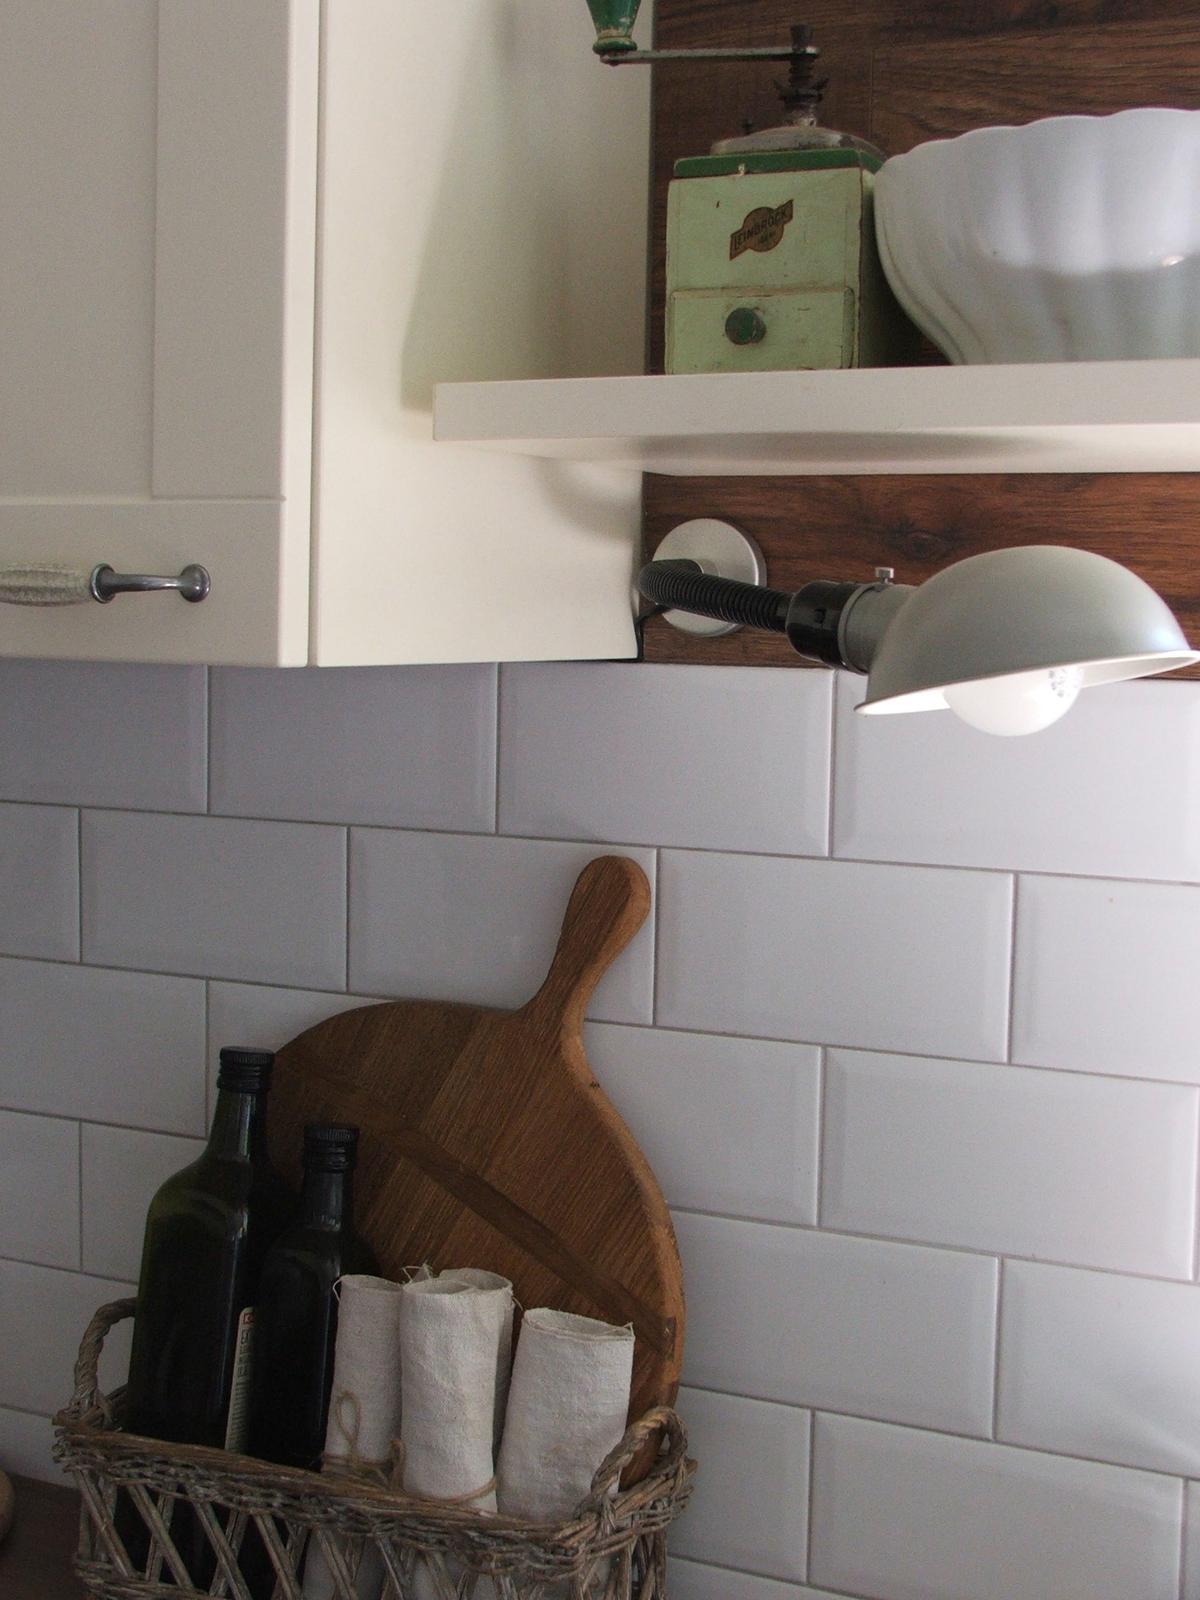 Domov - moja predstava lampy bola úplne iná....čierna,priemyselná lampa s výsuvným ramenom....ale táto tam tiež tuším pasuje ;-)